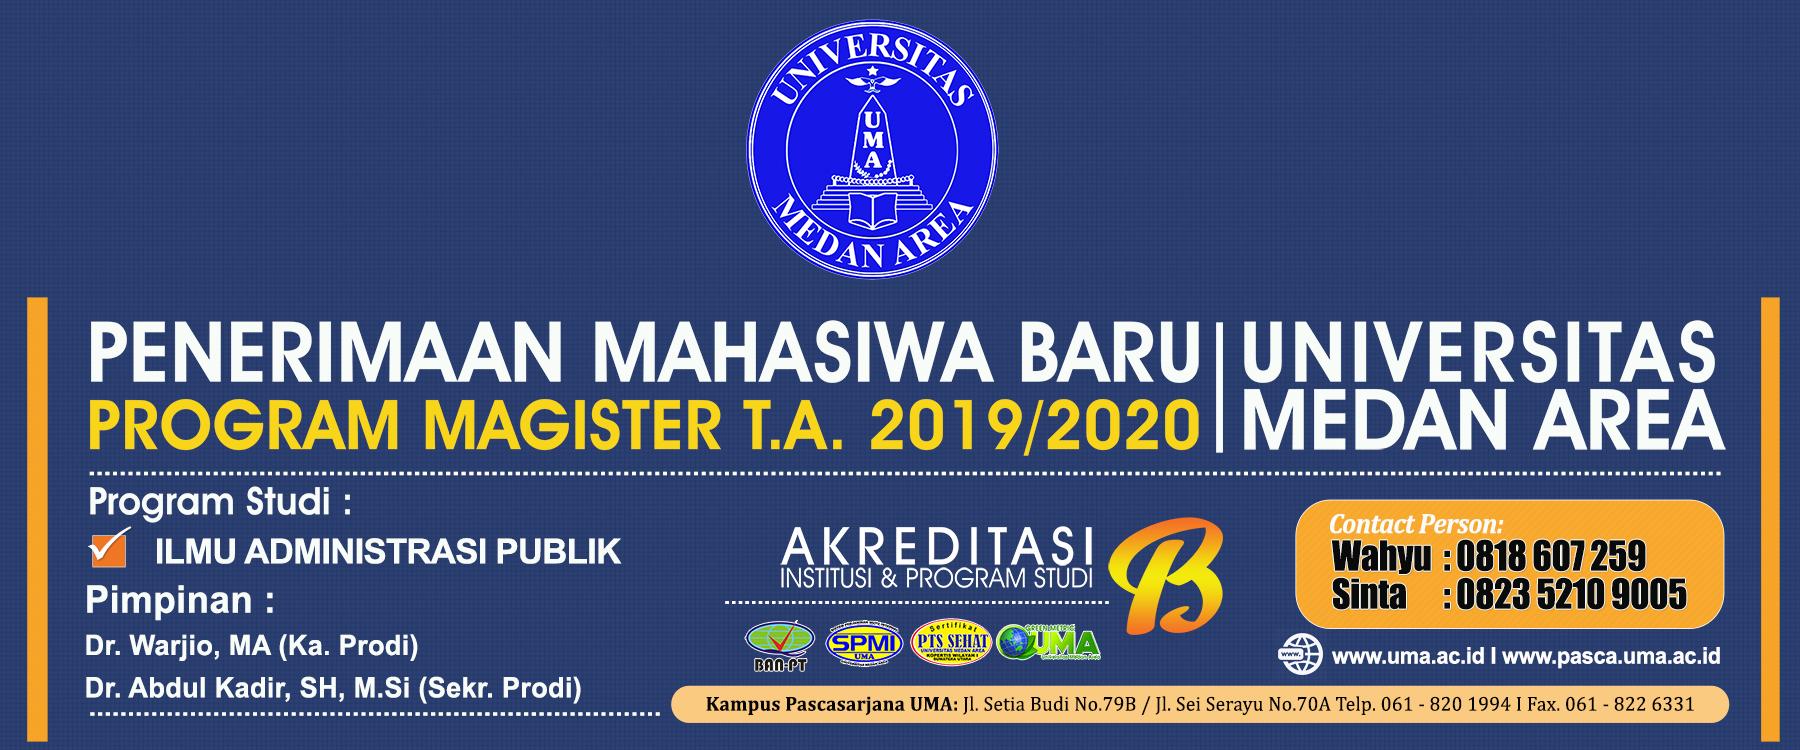 Pendaftaran Mahasiswa Baru Program Magister (S2) Ilmu Administrasi Publik 2019/2020